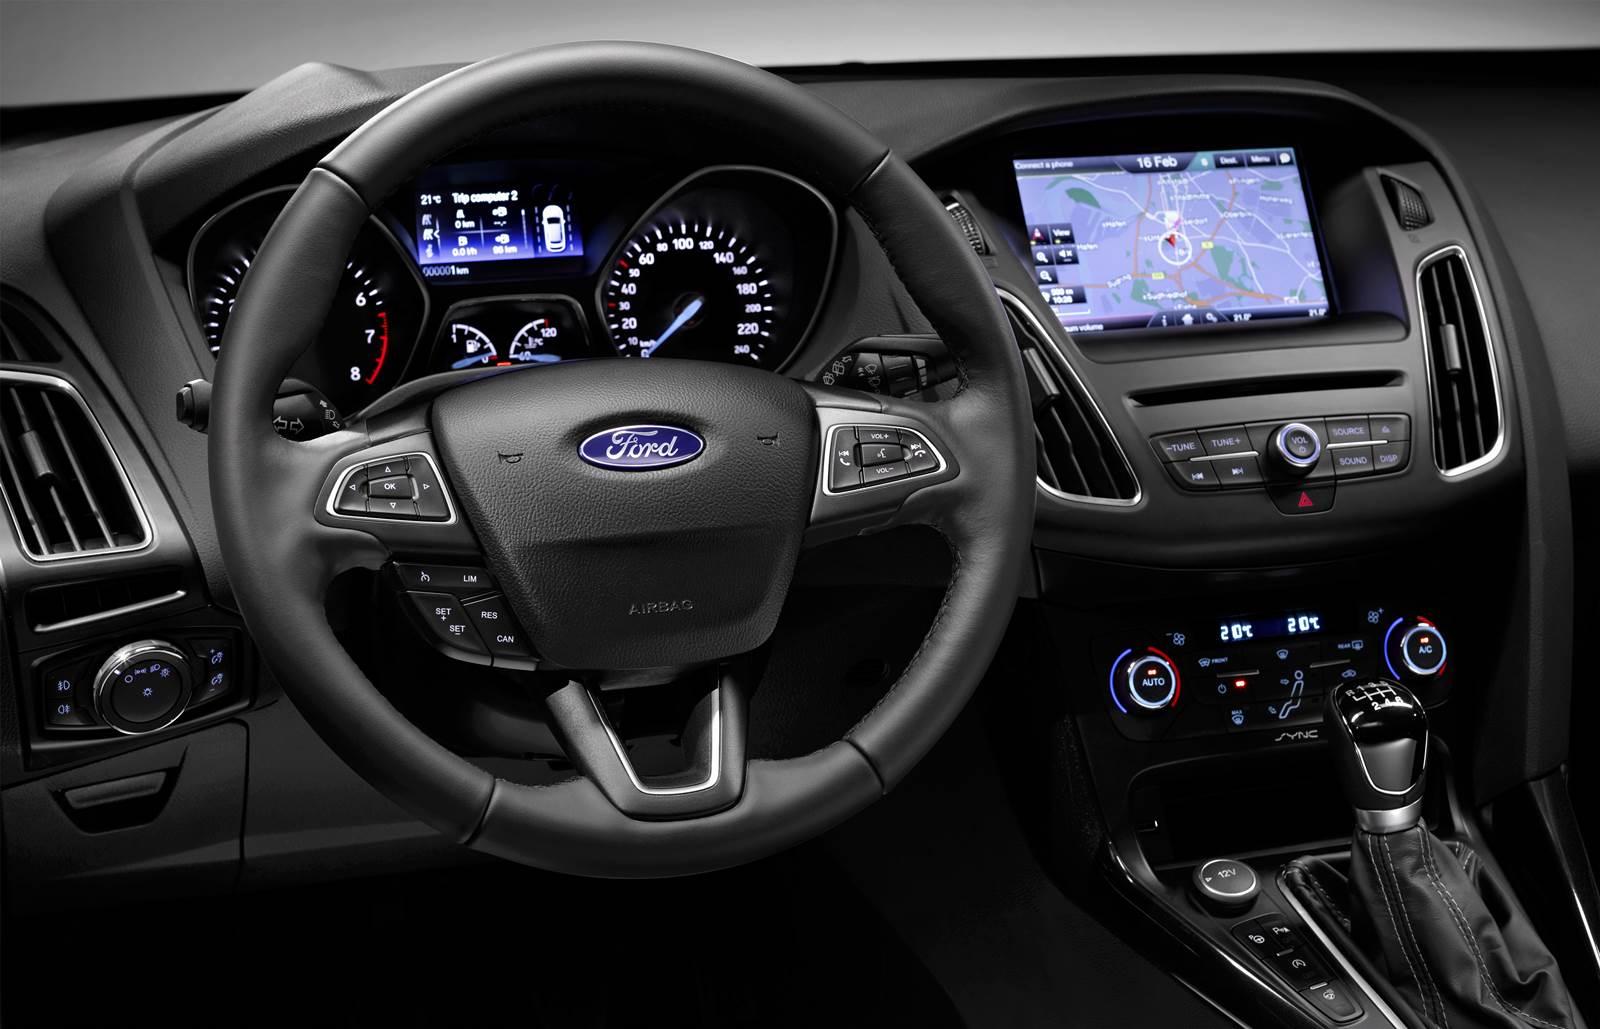 2014 Ford Focus Interior >> Novo Focus chega ao Brasil no primeiro semestre de 2015 | CAR.BLOG.BR